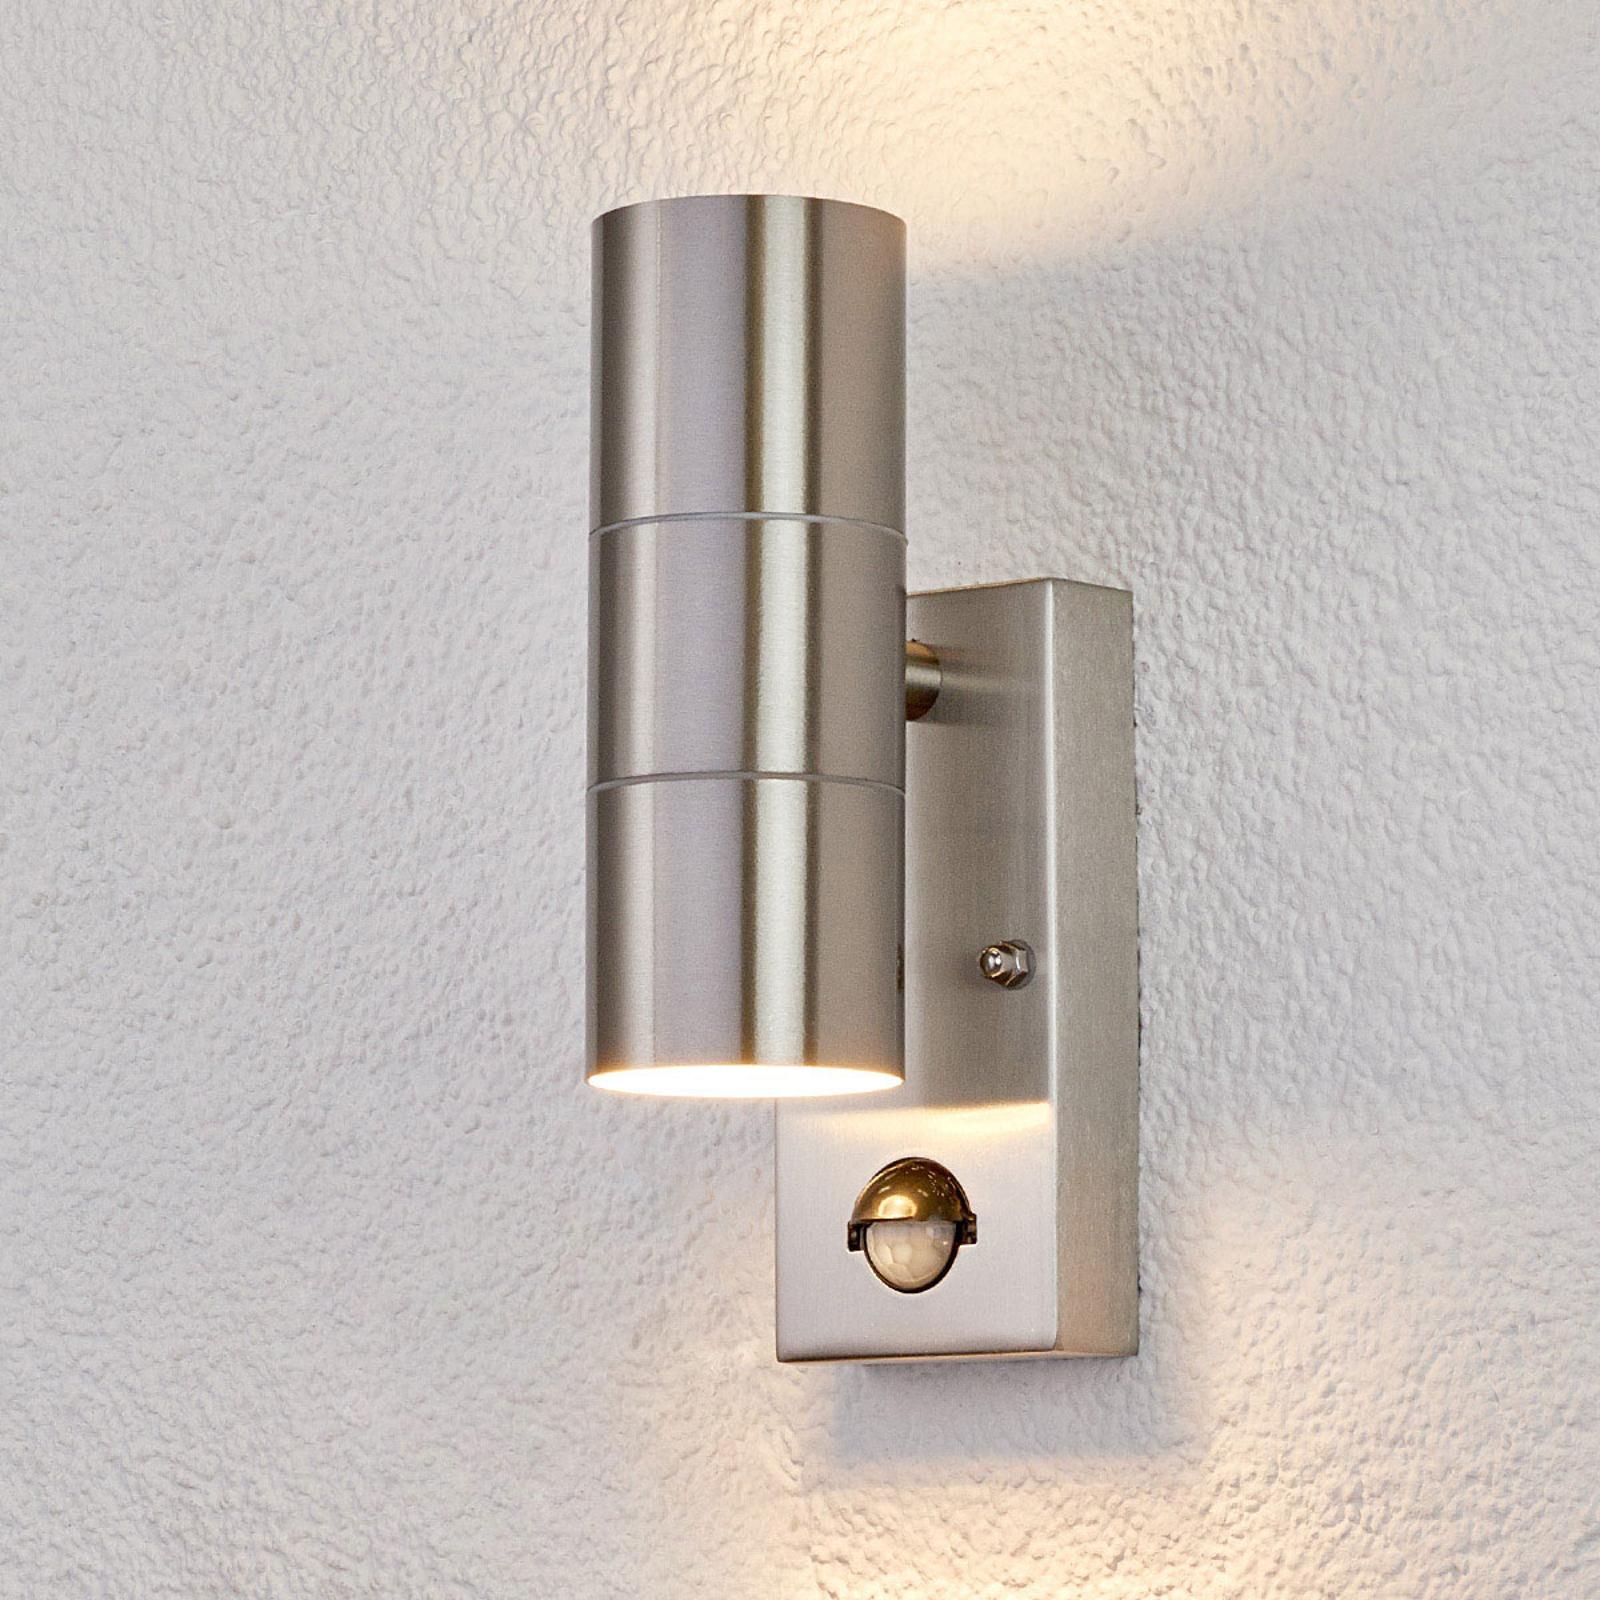 Udendørs væglampe Eyrin med bevægelsessensor